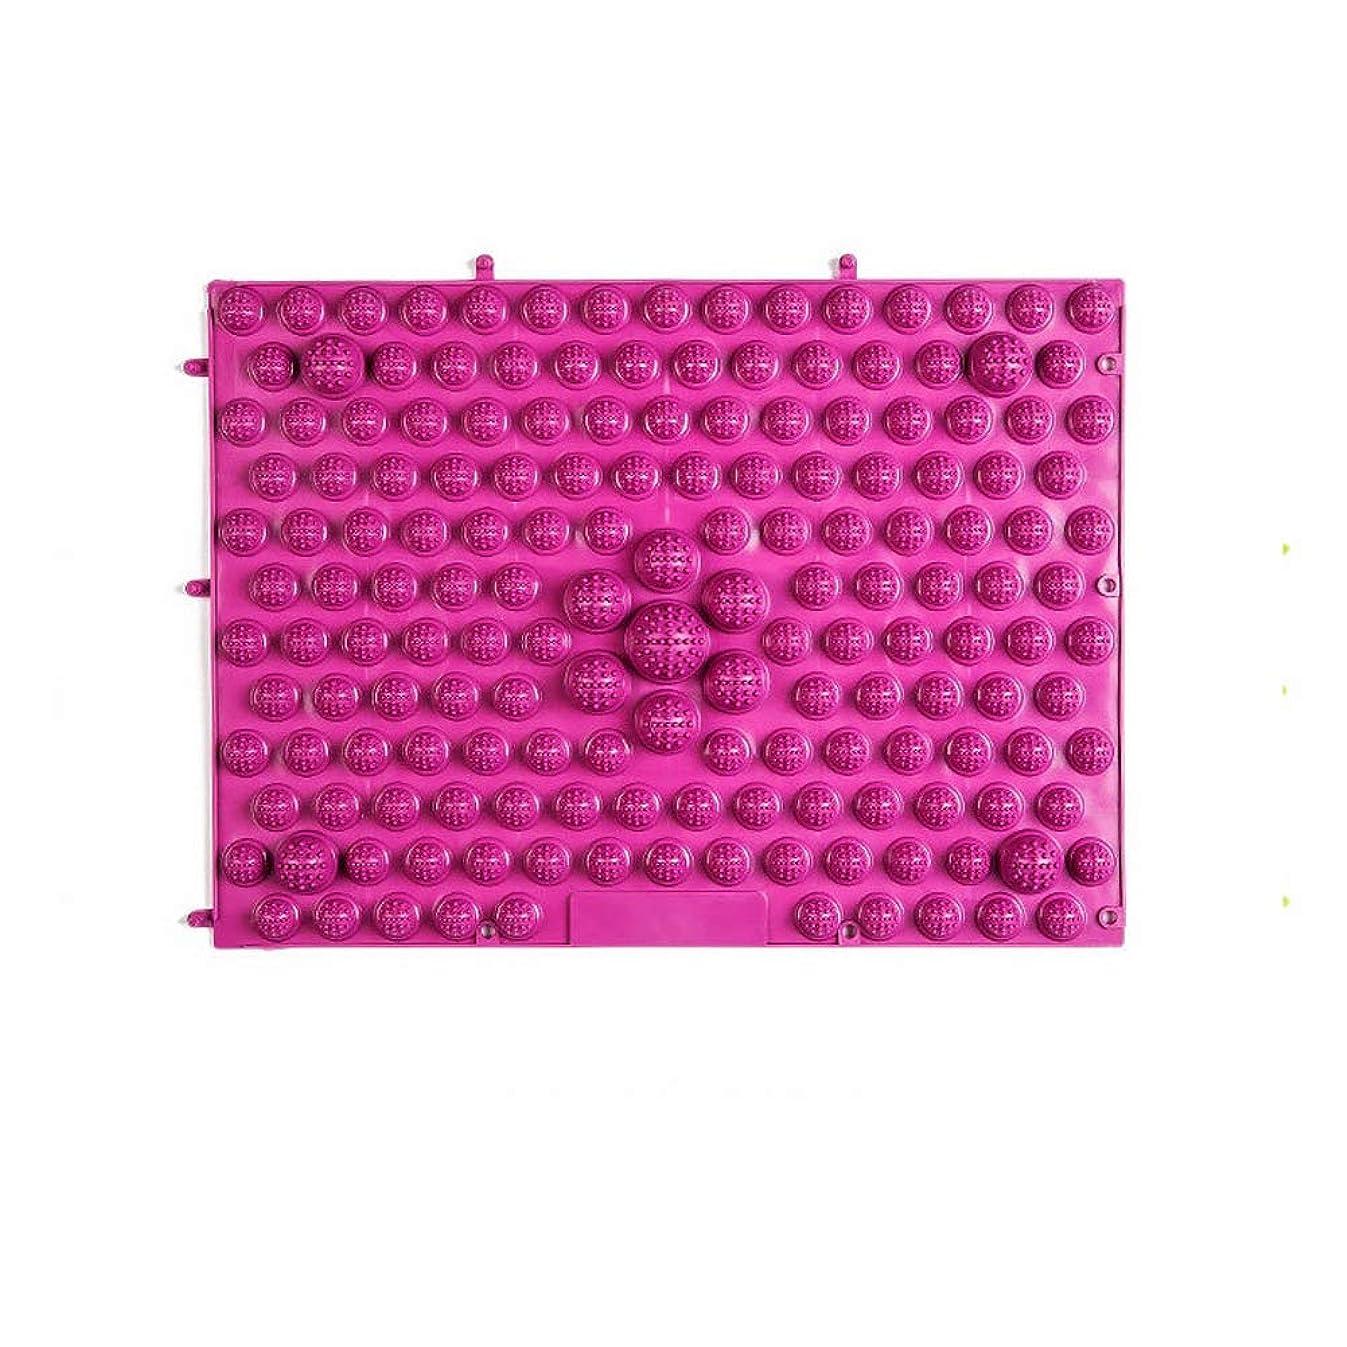 グレートバリアリーフ打ち負かす忌避剤ウォークマット 裏板セット(ABS樹脂製補強板付き) (レッド)